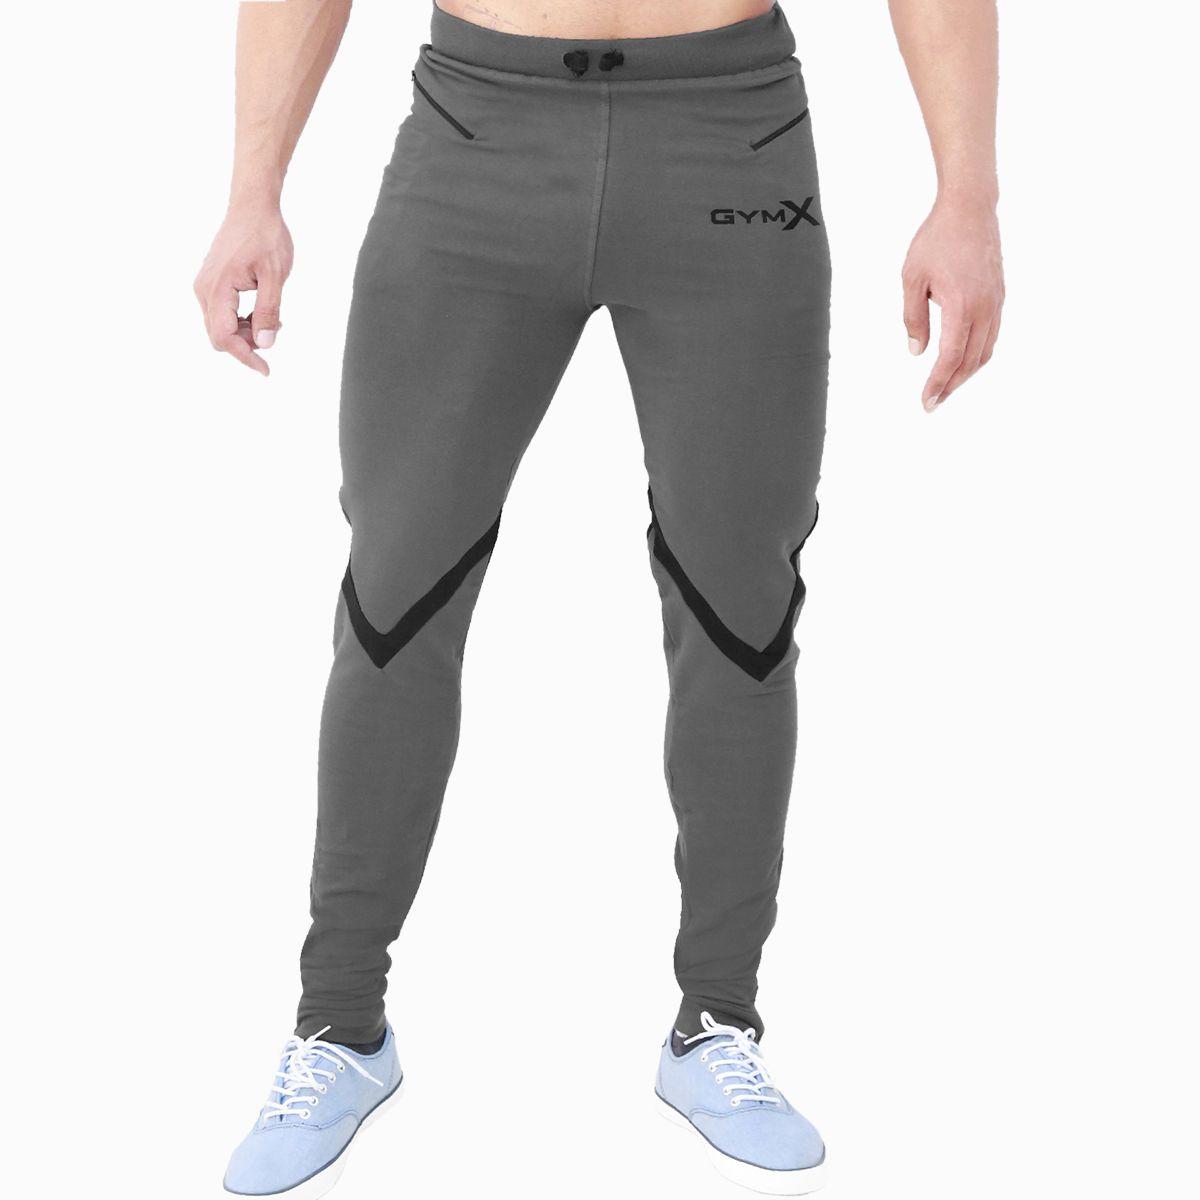 GymX Mens Valour Concrete Grey Sweatpants (Flex Fit)